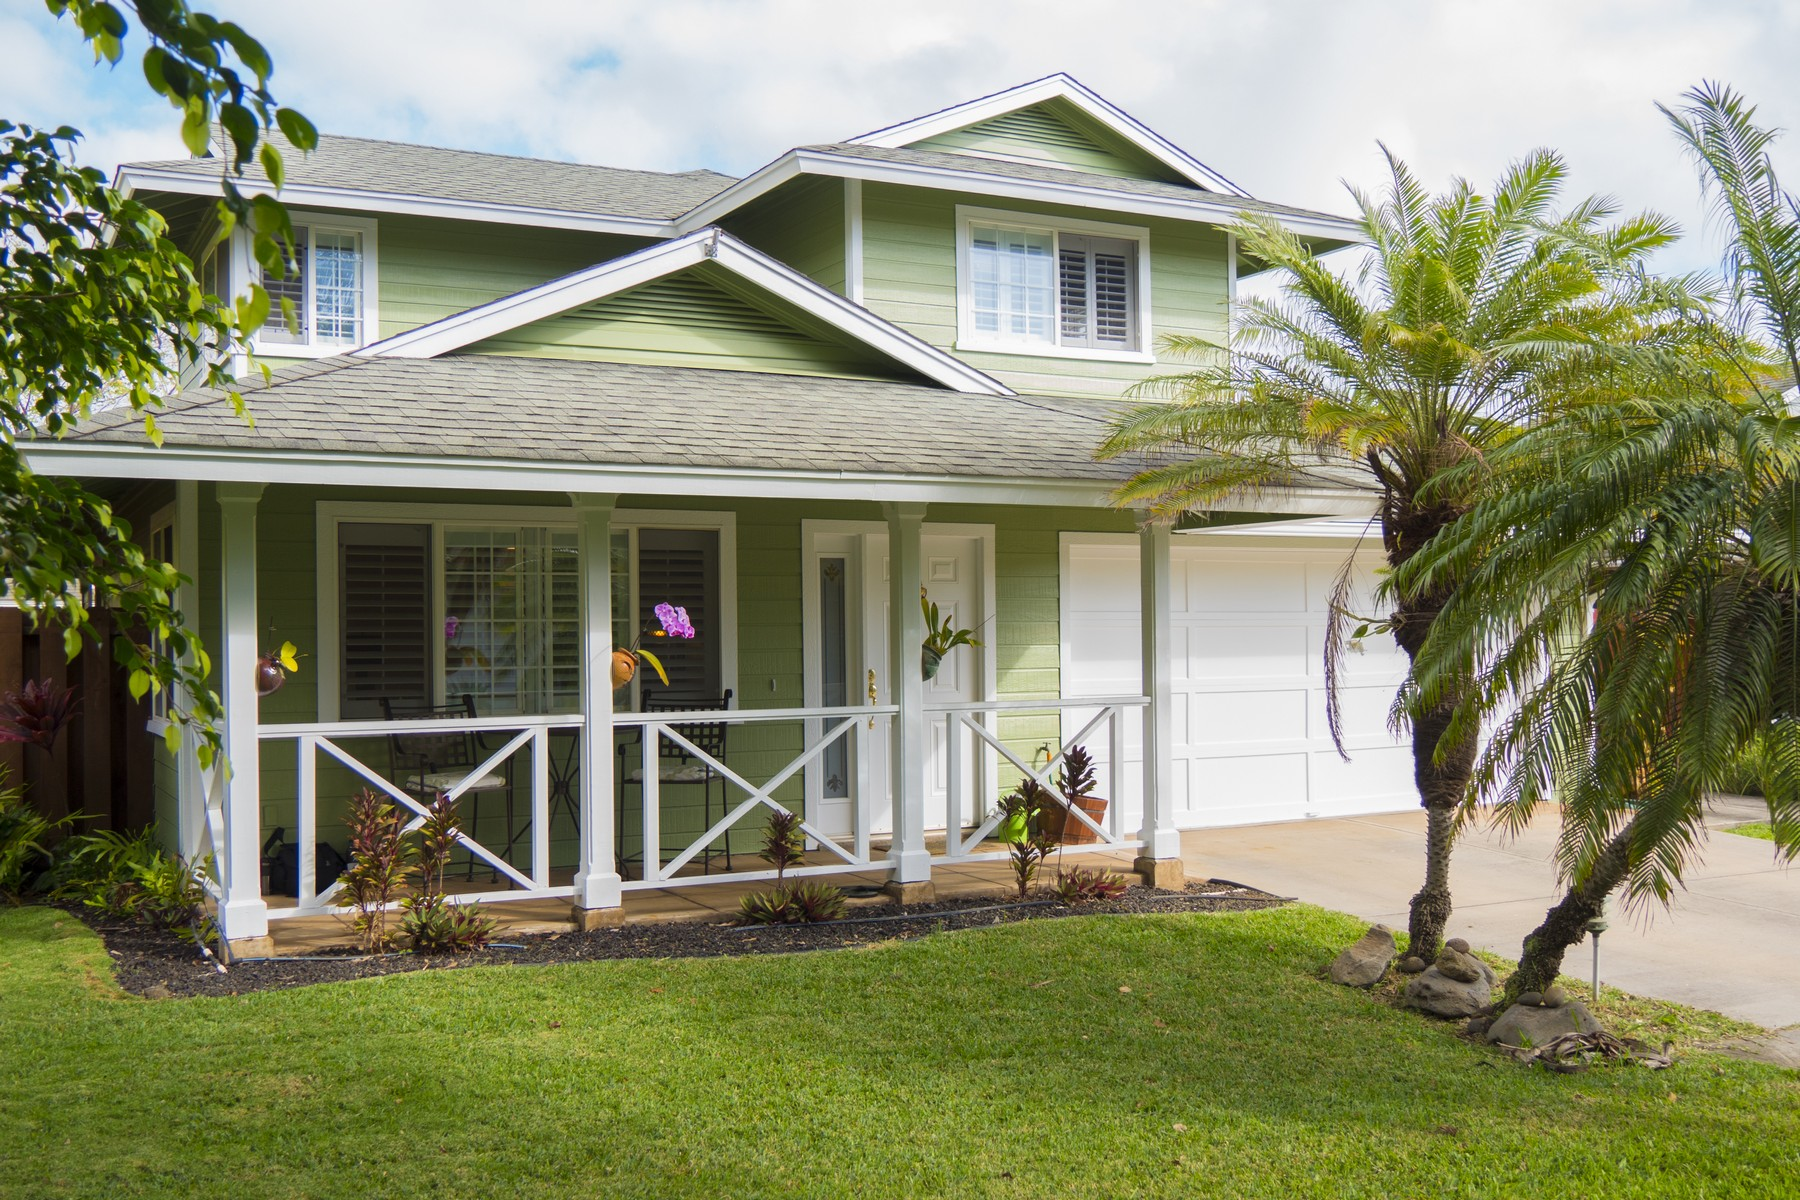 一戸建て のために 売買 アット Kaimana at Kehalani 73 Poniu Cir Wailuku, ハワイ 96793 アメリカ合衆国